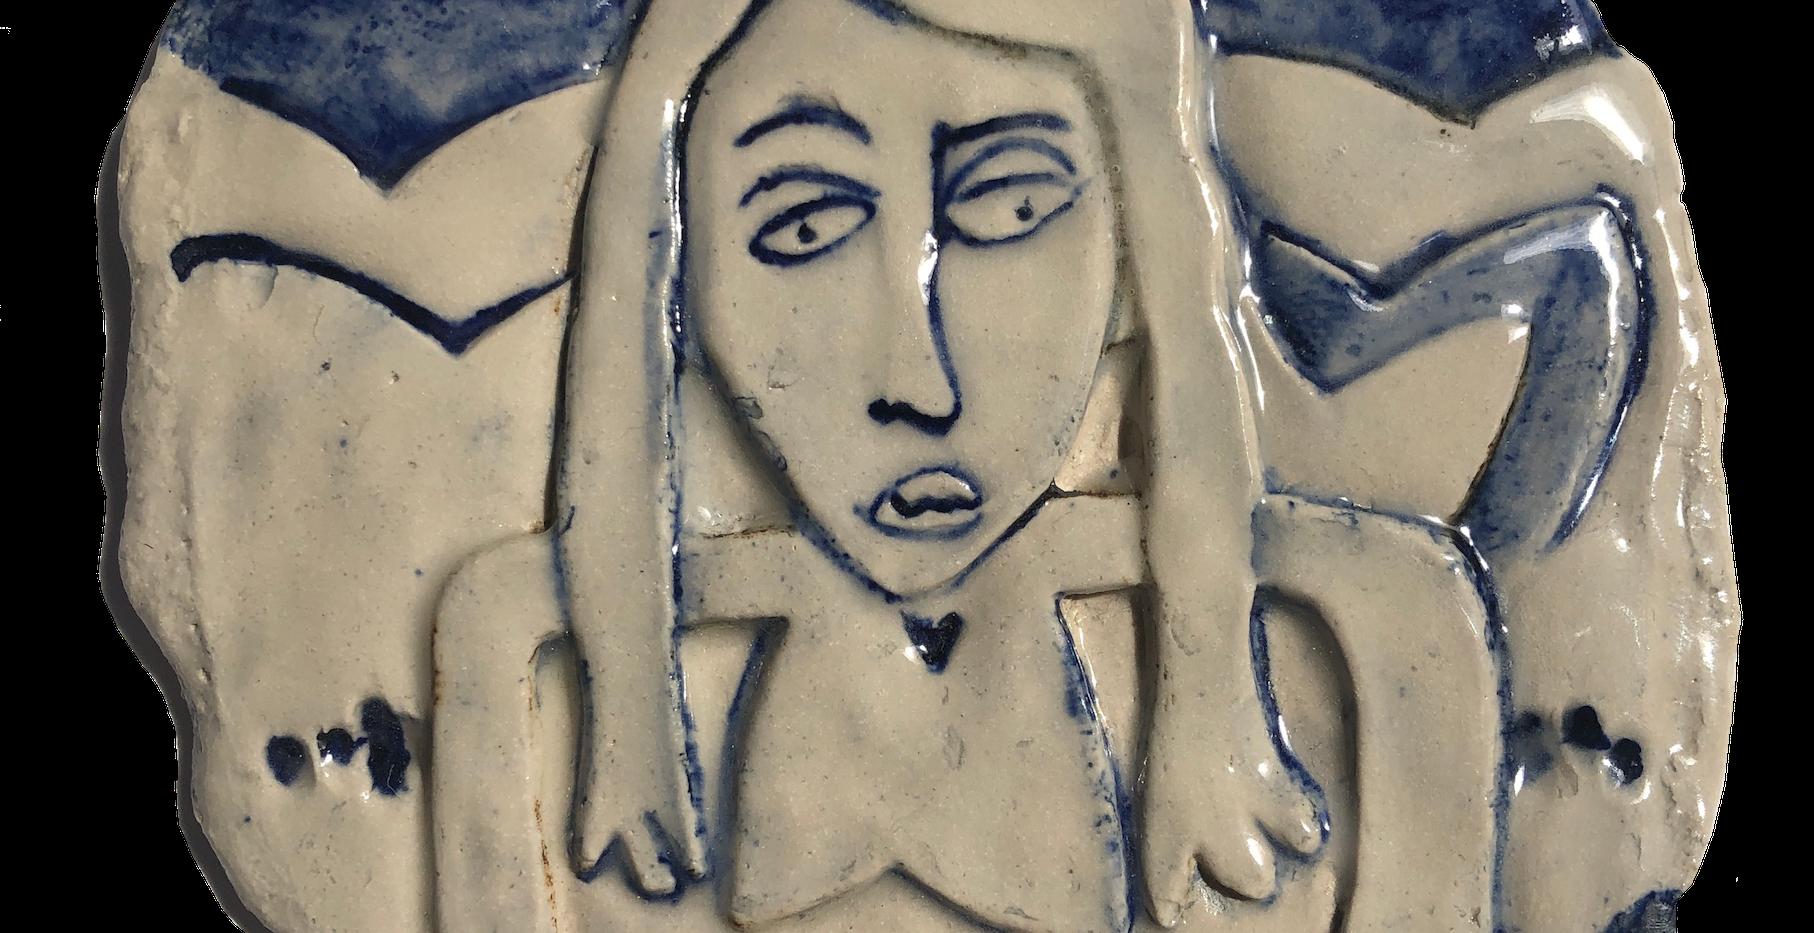 SusanneWawra_Selbstkeramik_Self Ceramic_